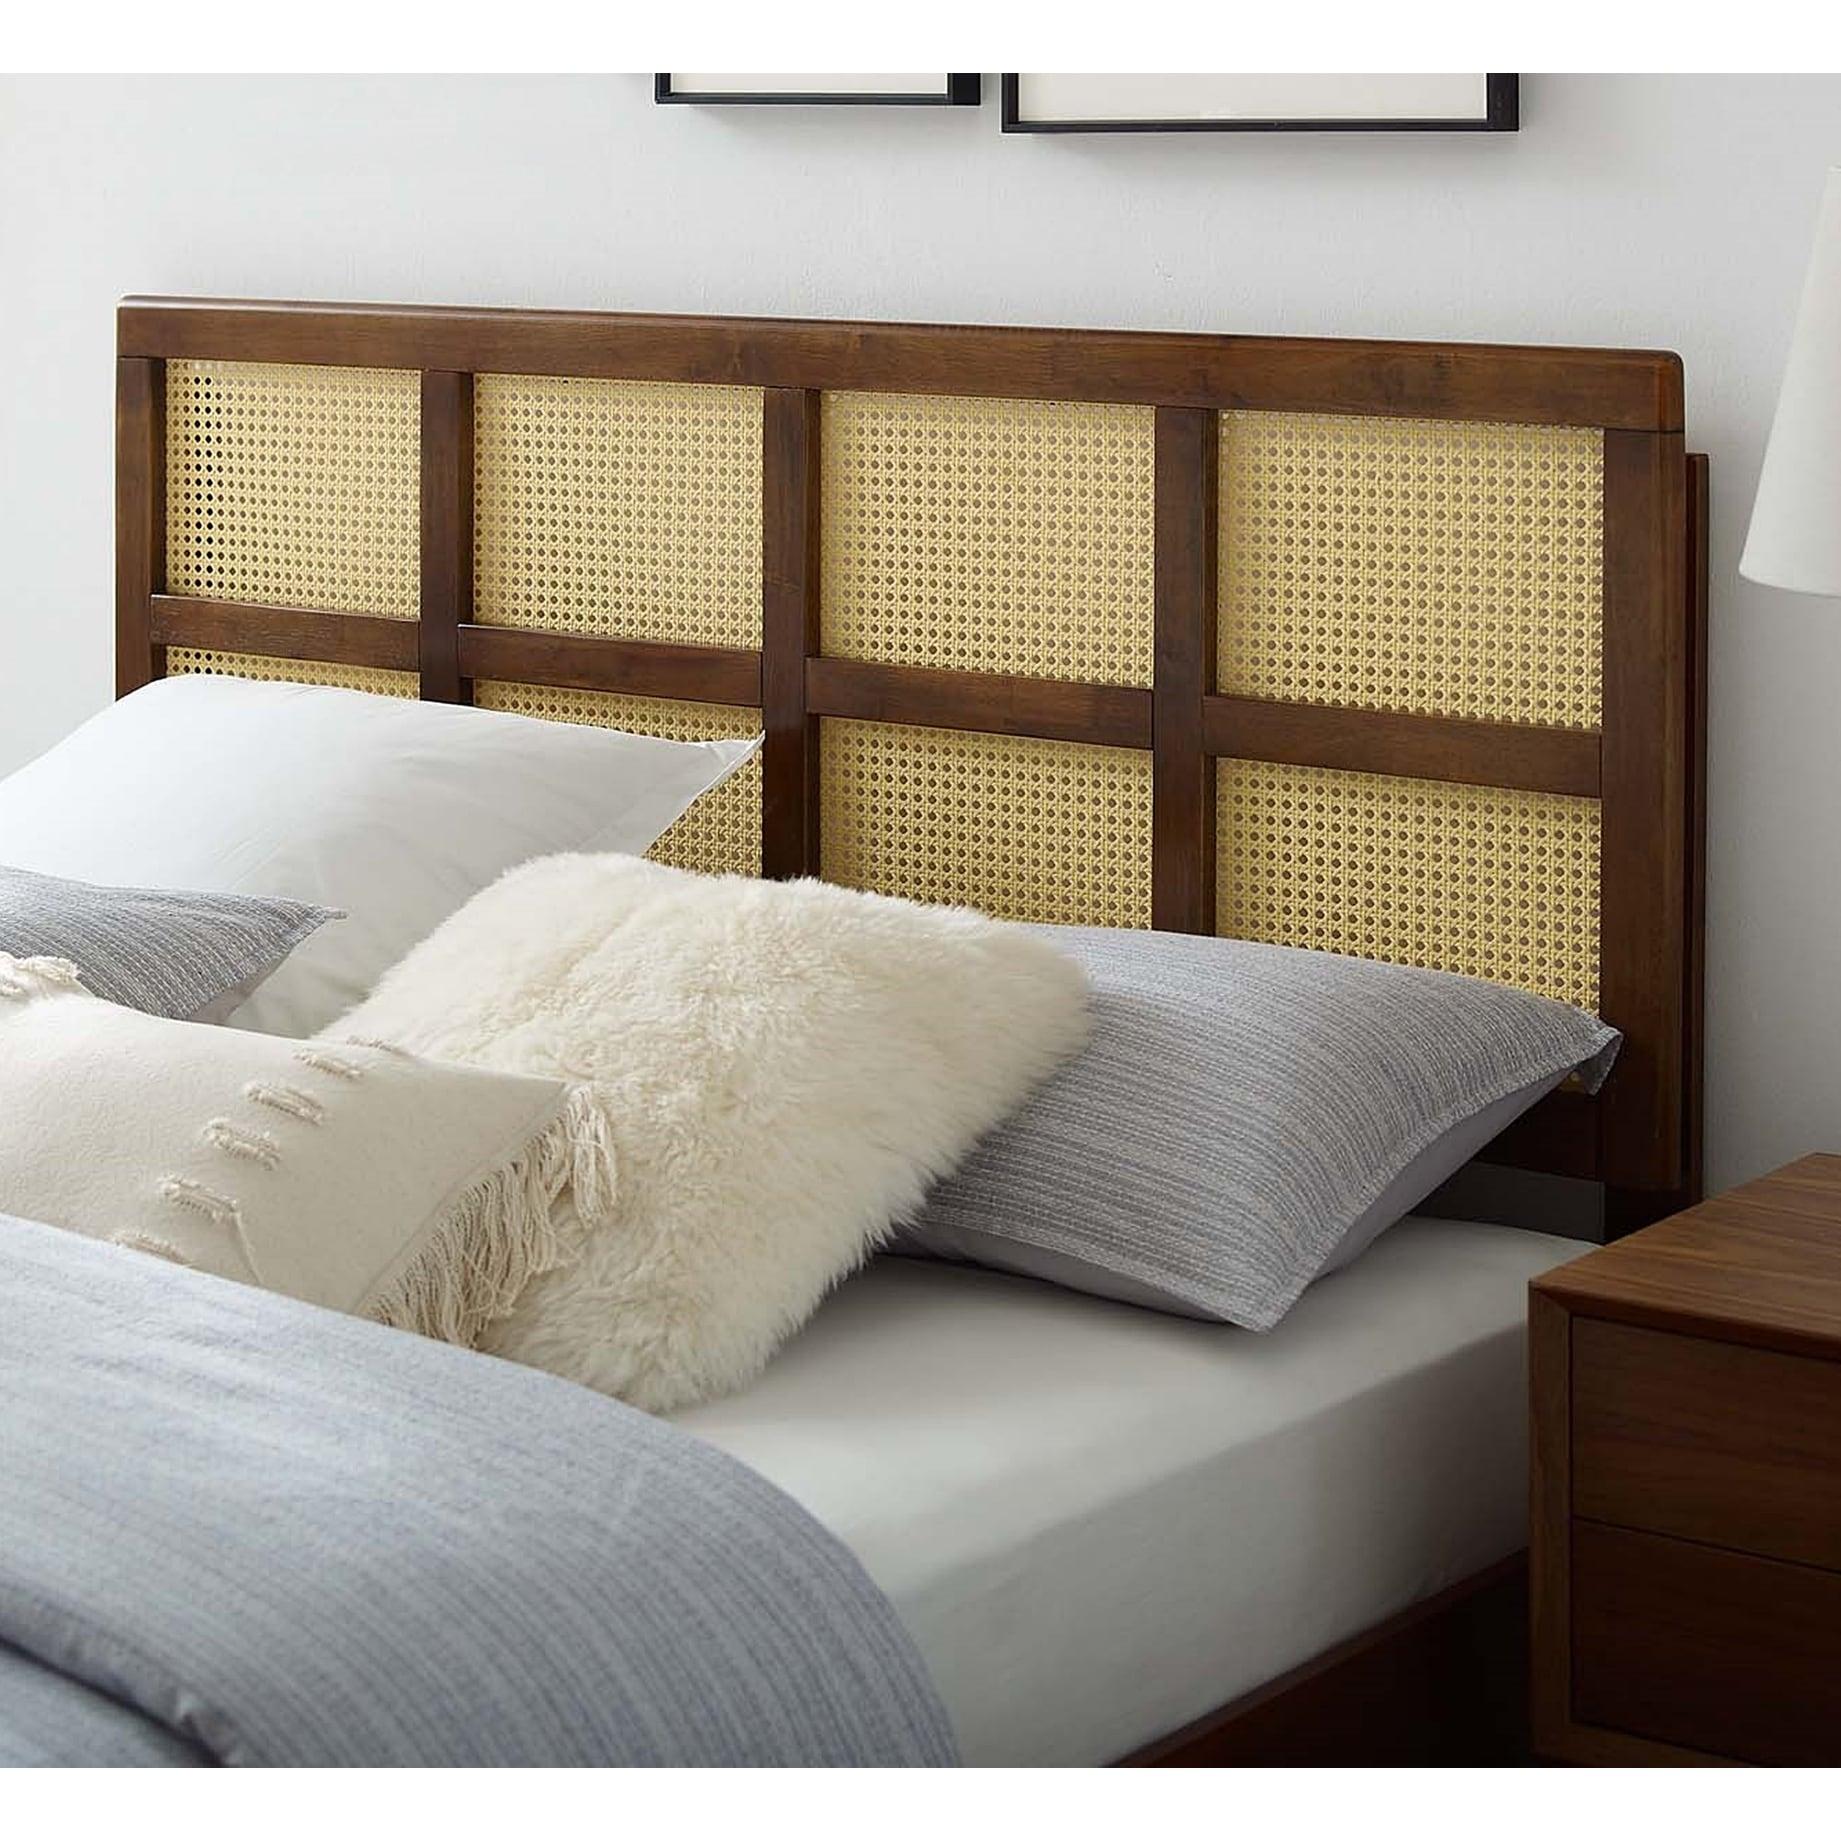 Ramona Modern King Size Walnut Wooden Headboard Overstock 32883096